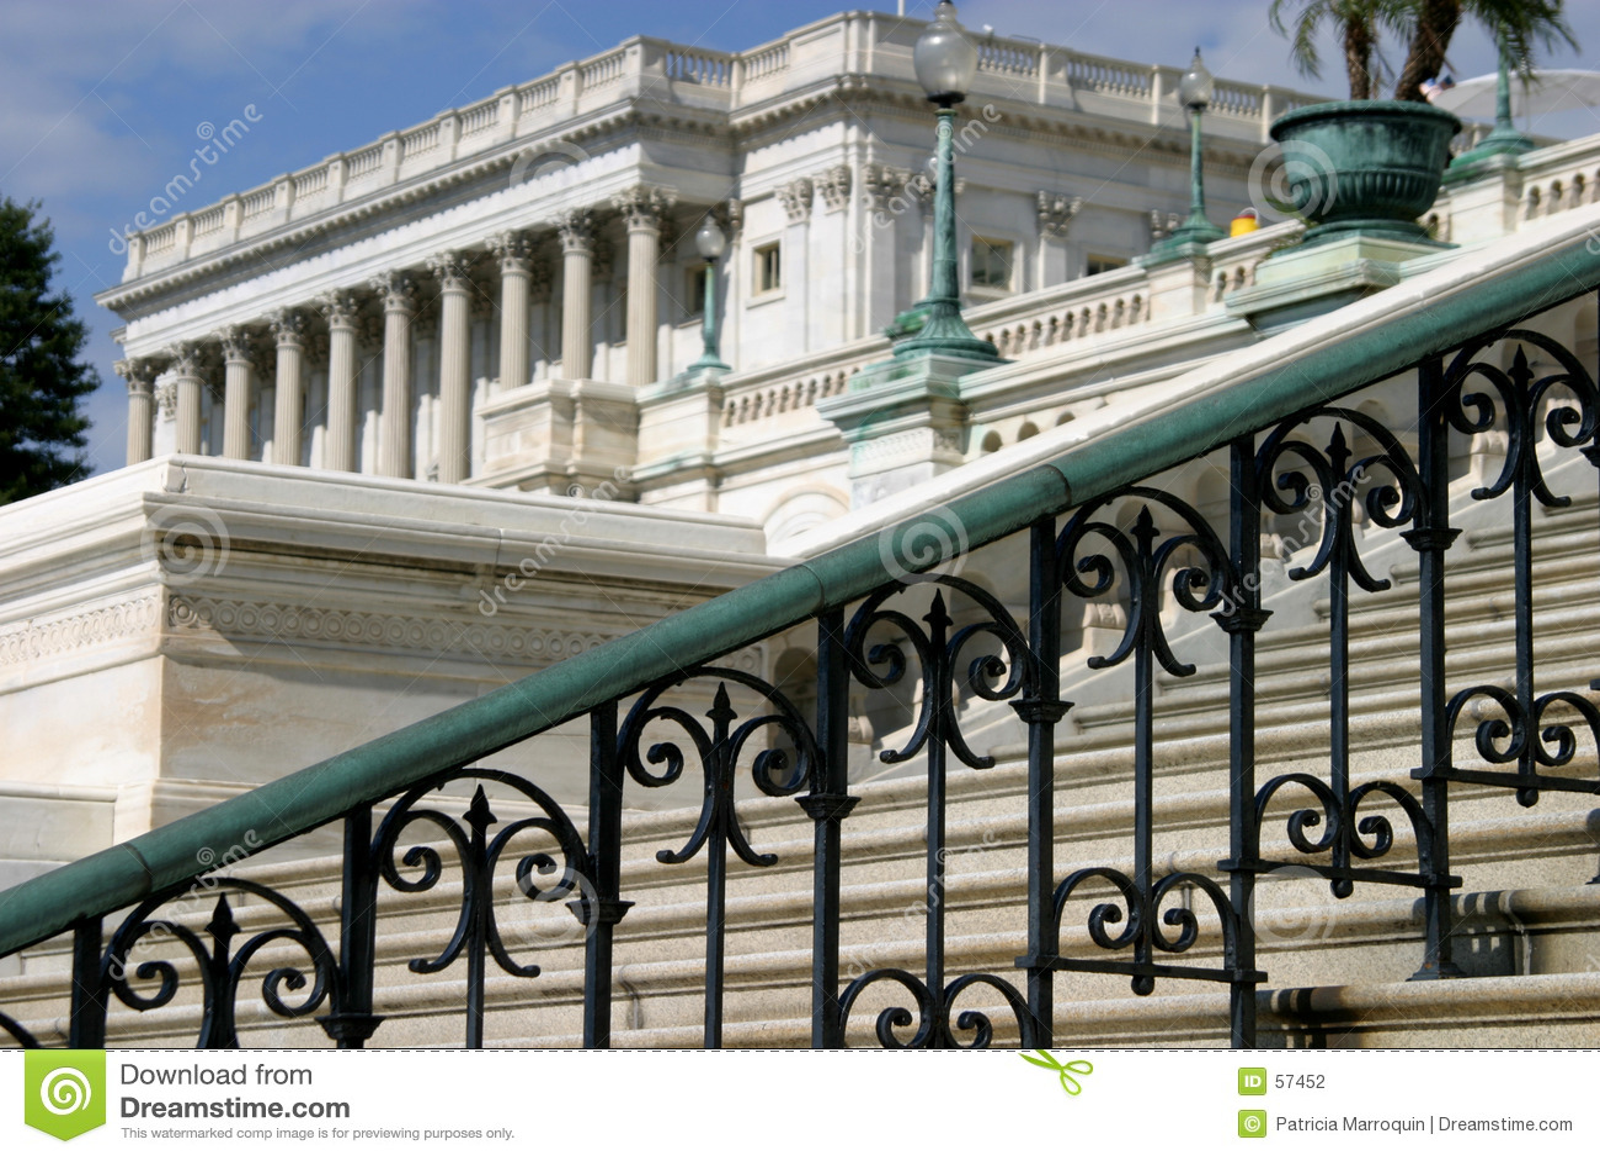 Download Escaliers au capitol photo stock. Image du politics, travaillé - 57452